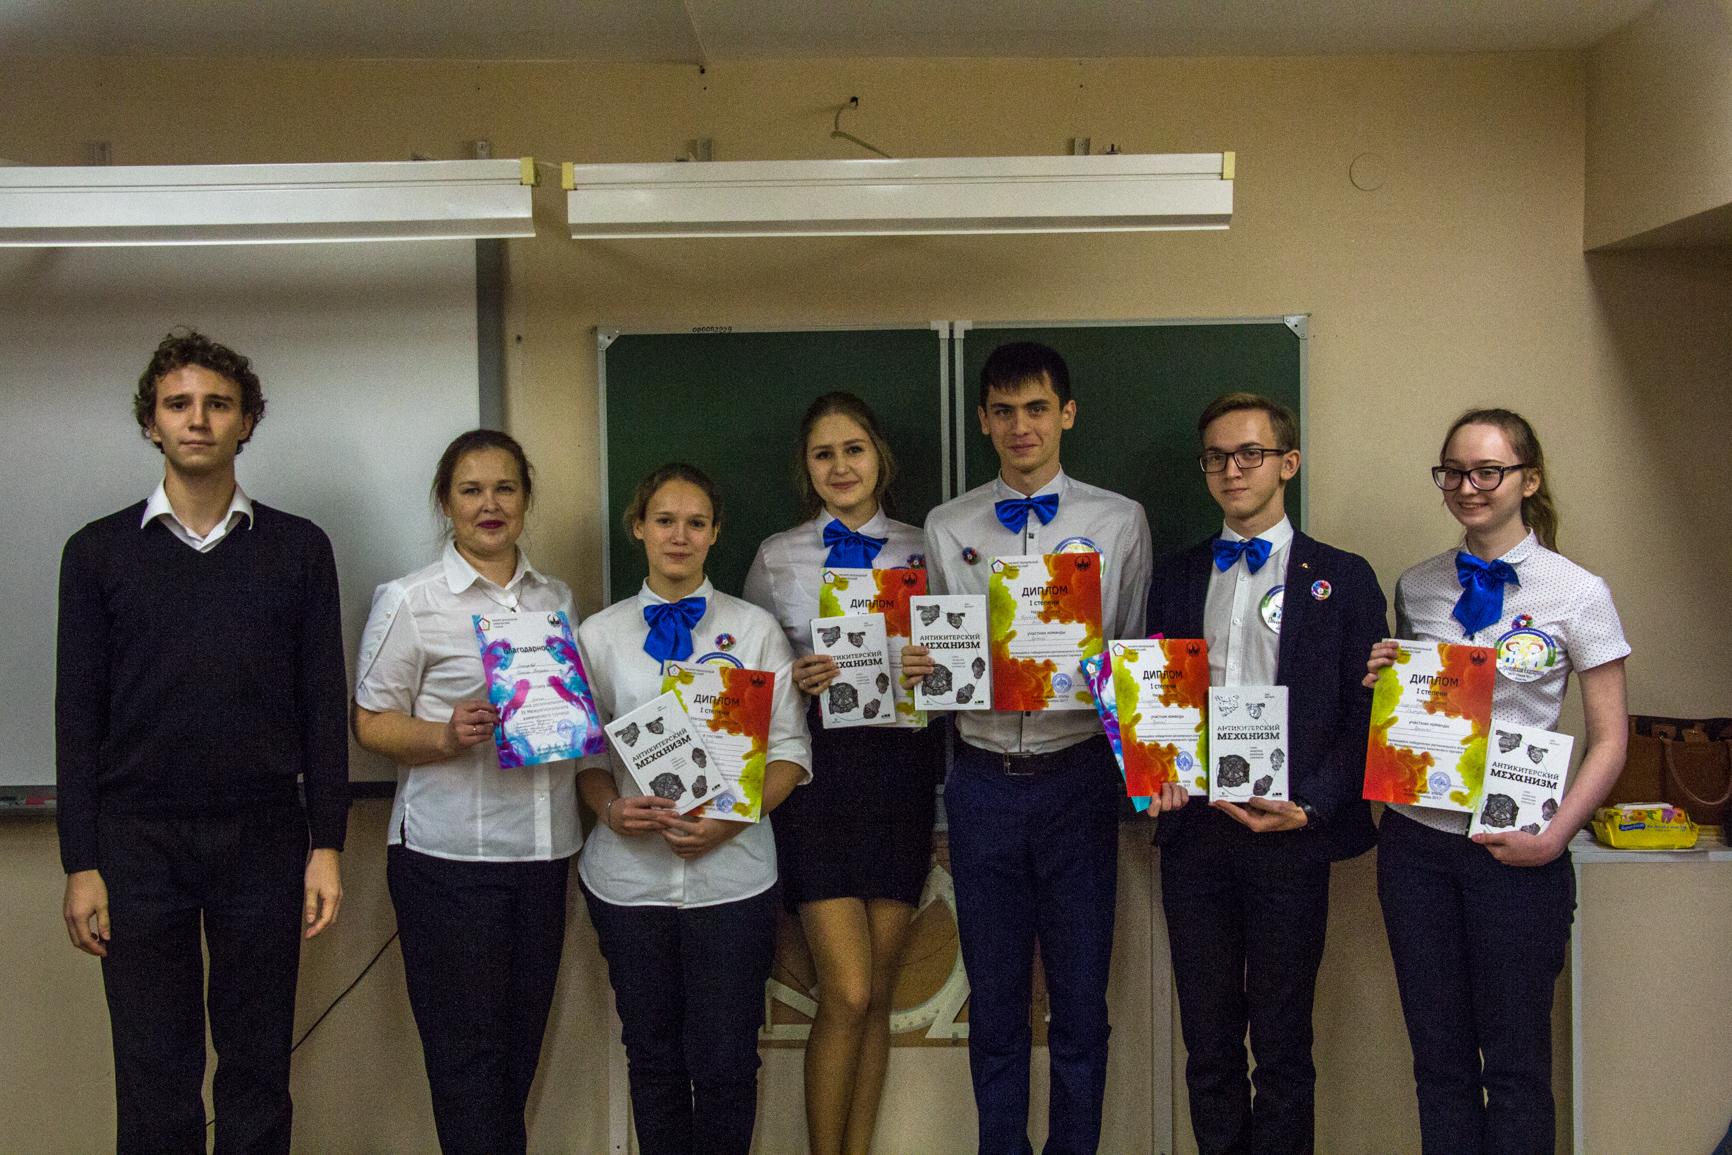 Школьников из Воркуты пригласили на крупнейший химический турнир России